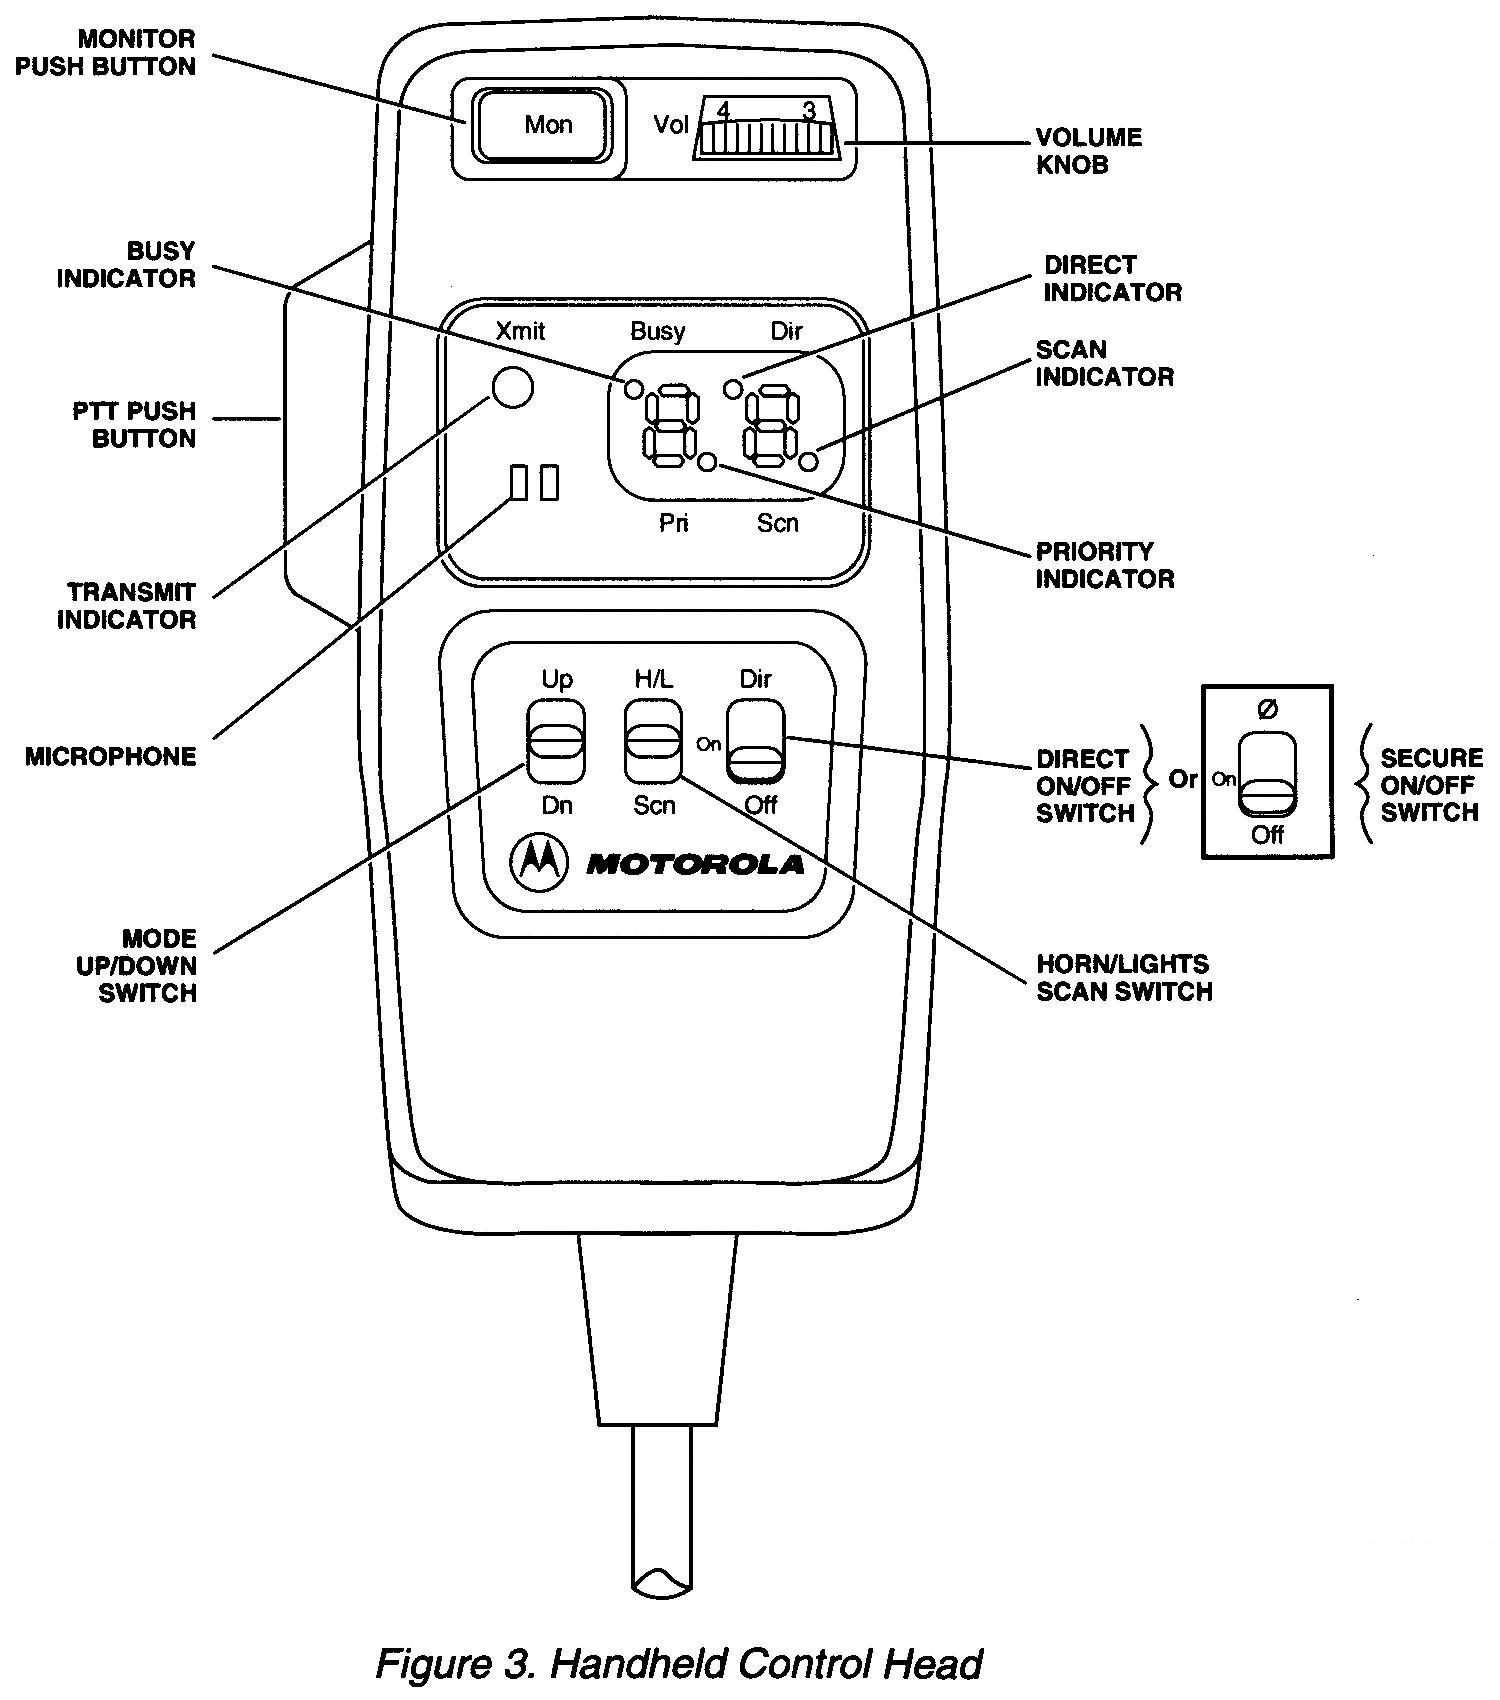 motorola mic wiring